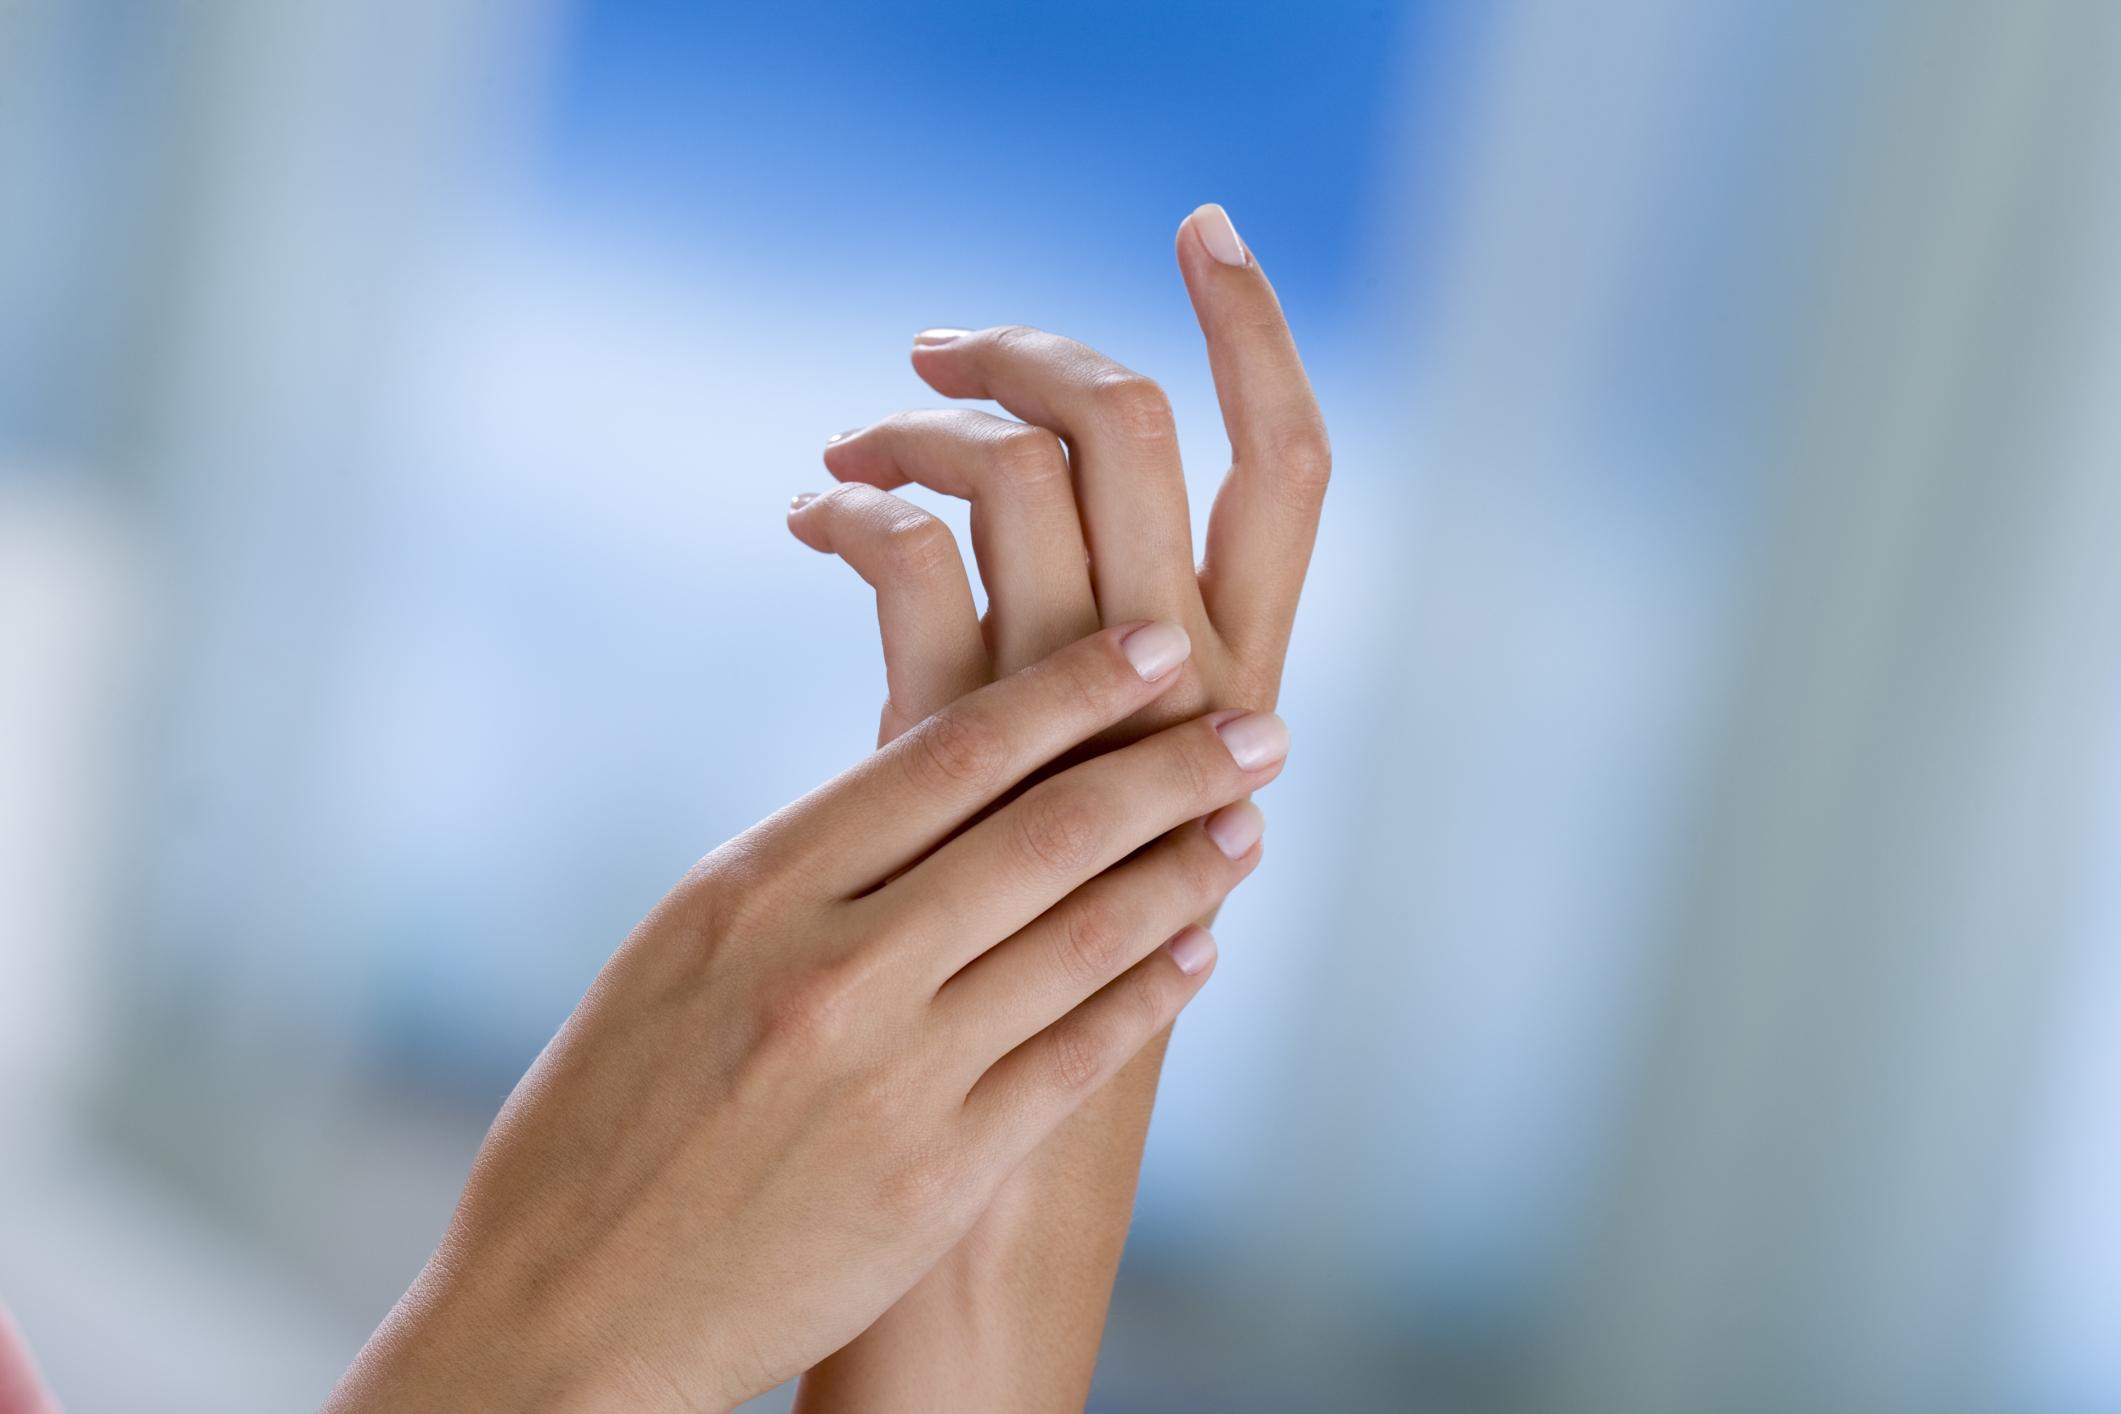 Formicolio alle mani in gravidanza: cause, rimedi e cosa fare